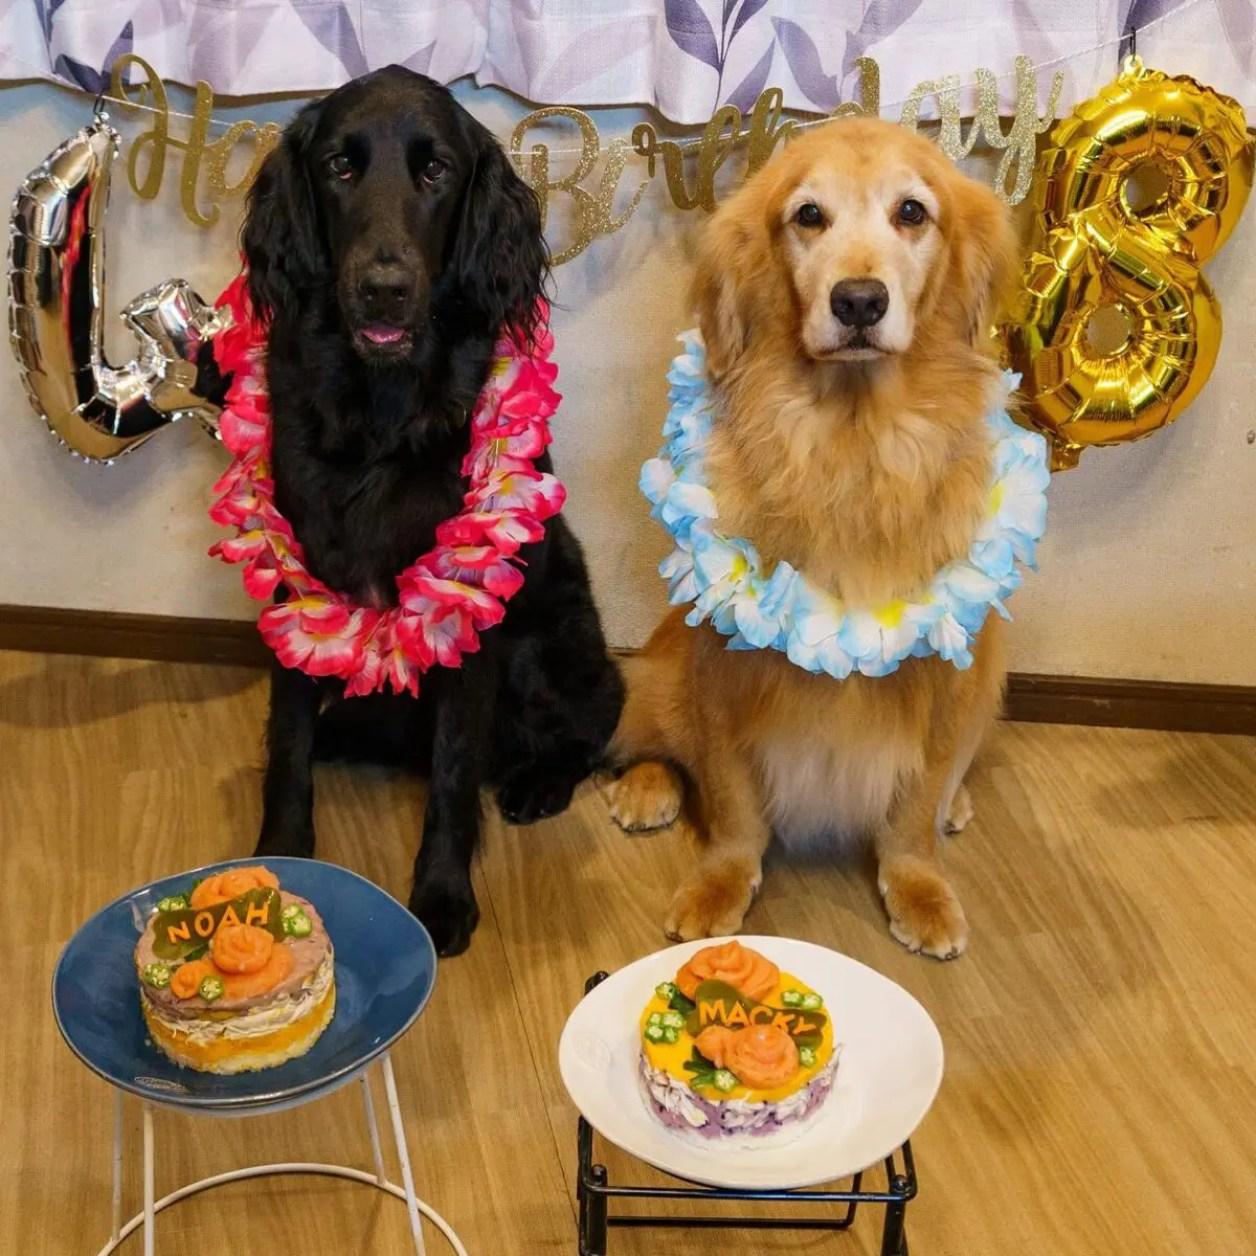 Happy Birthday!! Noa & Macky 誕生日イベントは今回渾身のわんこケーキでお祝いしました。娘と次男作のスペシャルご飯です。10/3生まれノアちゃん4才10/8生まれマキちゃん8才。そうか倍違うんだね。二人揃ってお祝いできるのが本当にうれしいです。ここにジャスティもいたら…と思うけどジャスティのお導きがなかったらノアとは出会えてなかったね。ジャスありがとう。お空から味見に飛んできたかな?  #ゴールデンレトリーバー  #フラットコーテッドレトリーバー #手作りわんこごはん #ドッグケーキ #手作りご飯